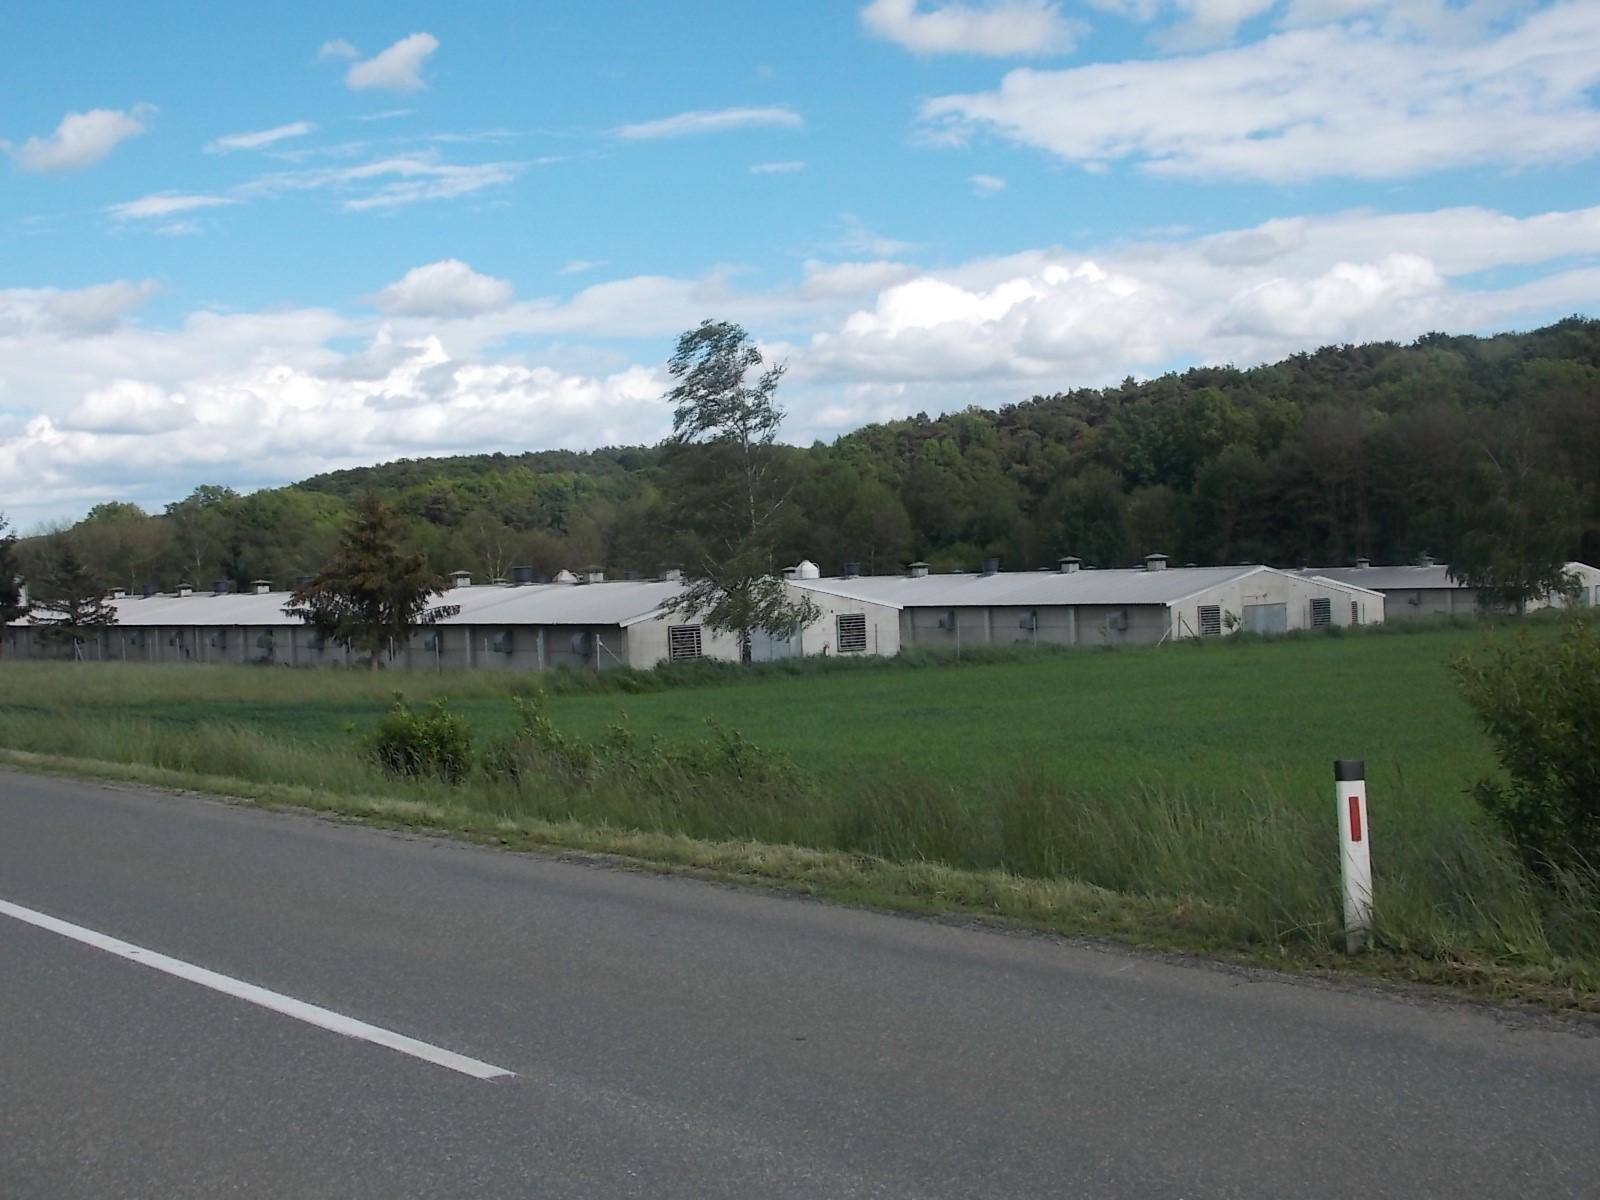 Farma Nesnic - Gornji Petrovci